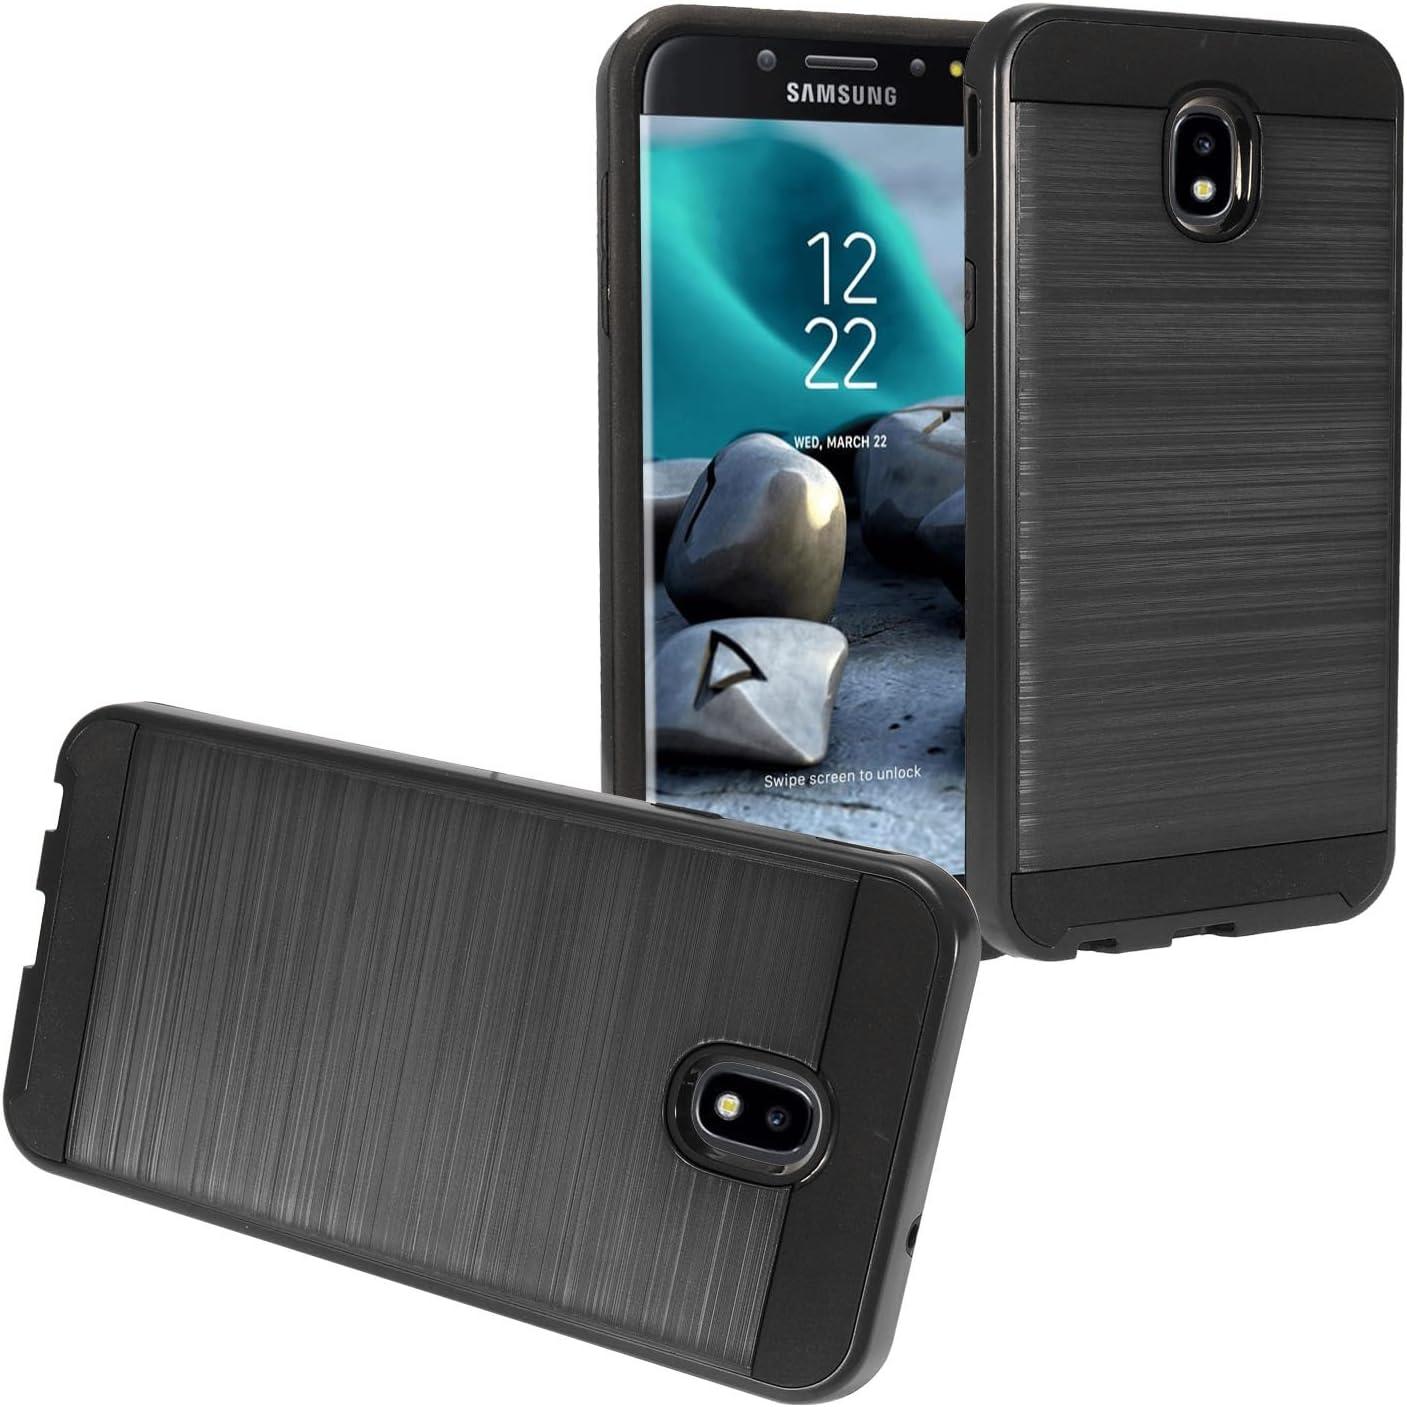 Z-GEN - Galaxy J7 2018, J7 Refine, J7 Star, J7 Crown, J7 Aura, J7 Top, J7 V J7V 2nd Gen J737 - Brushed Hybrid Phone Case for Samsung - CS3 Black